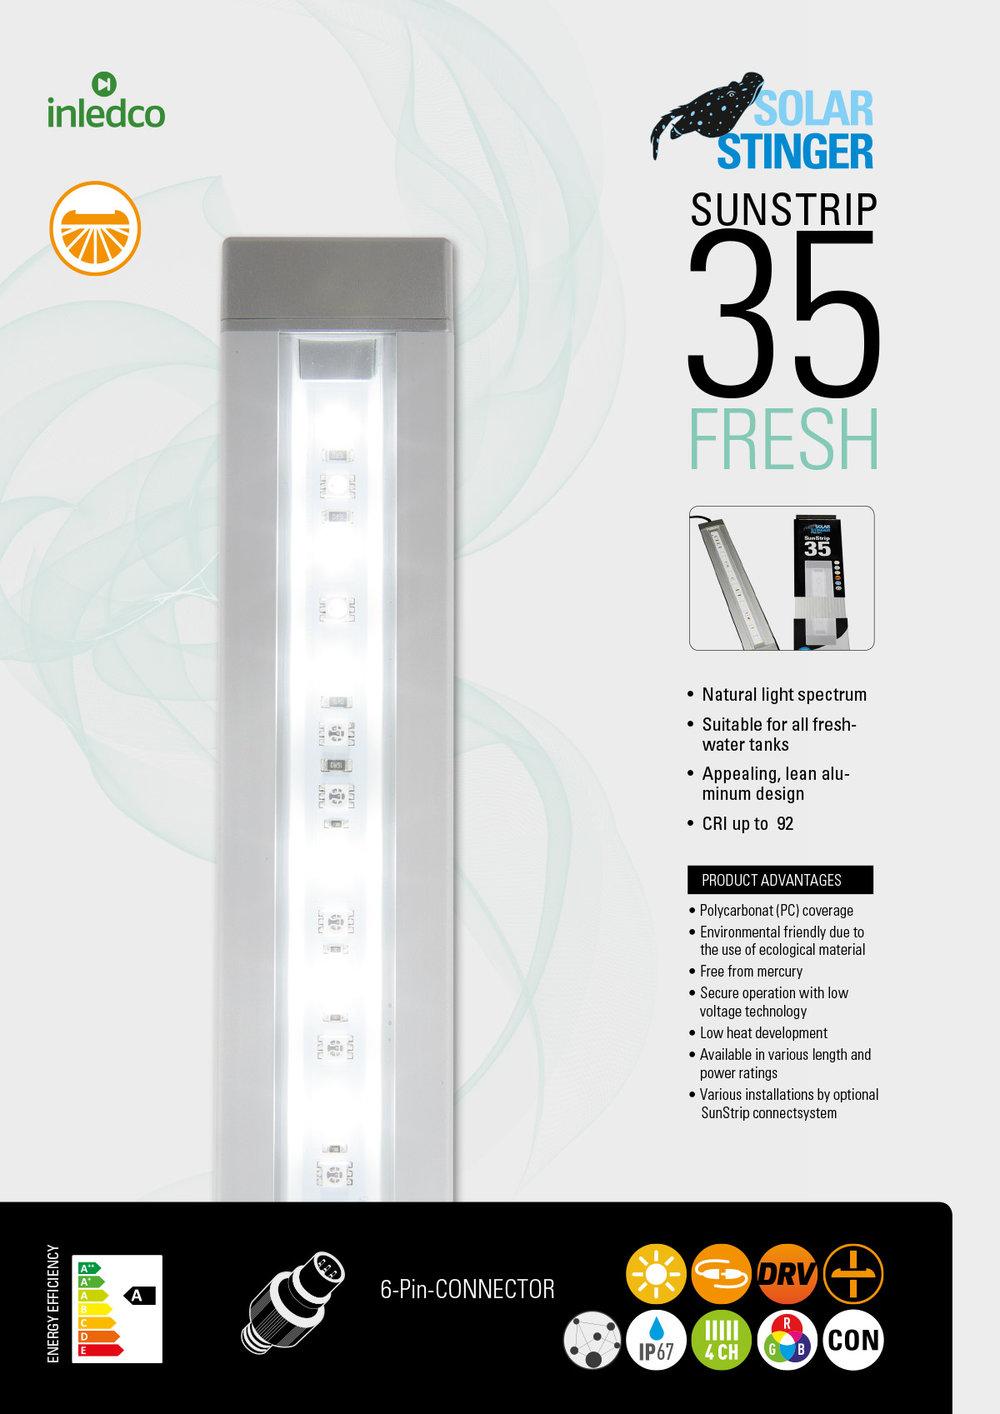 INLEDCO---SunStrip-35-Fresh-1.jpg